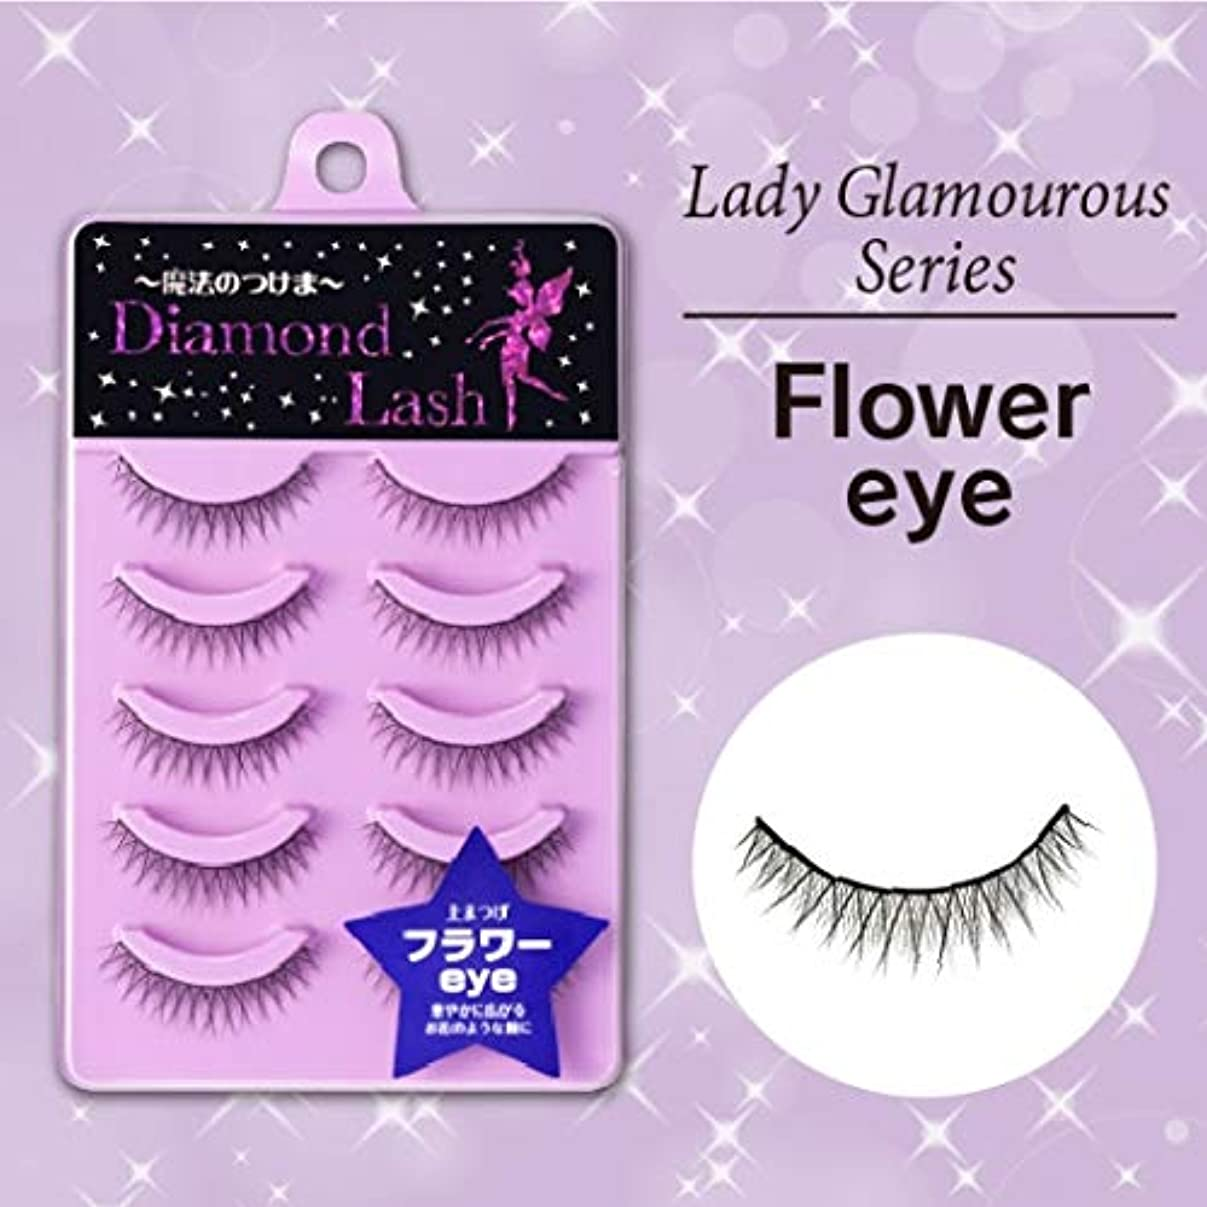 通貨通行料金反逆Diamond Lash(ダイヤモンドラッシュ) レディグラマスシリーズ フラワーeye